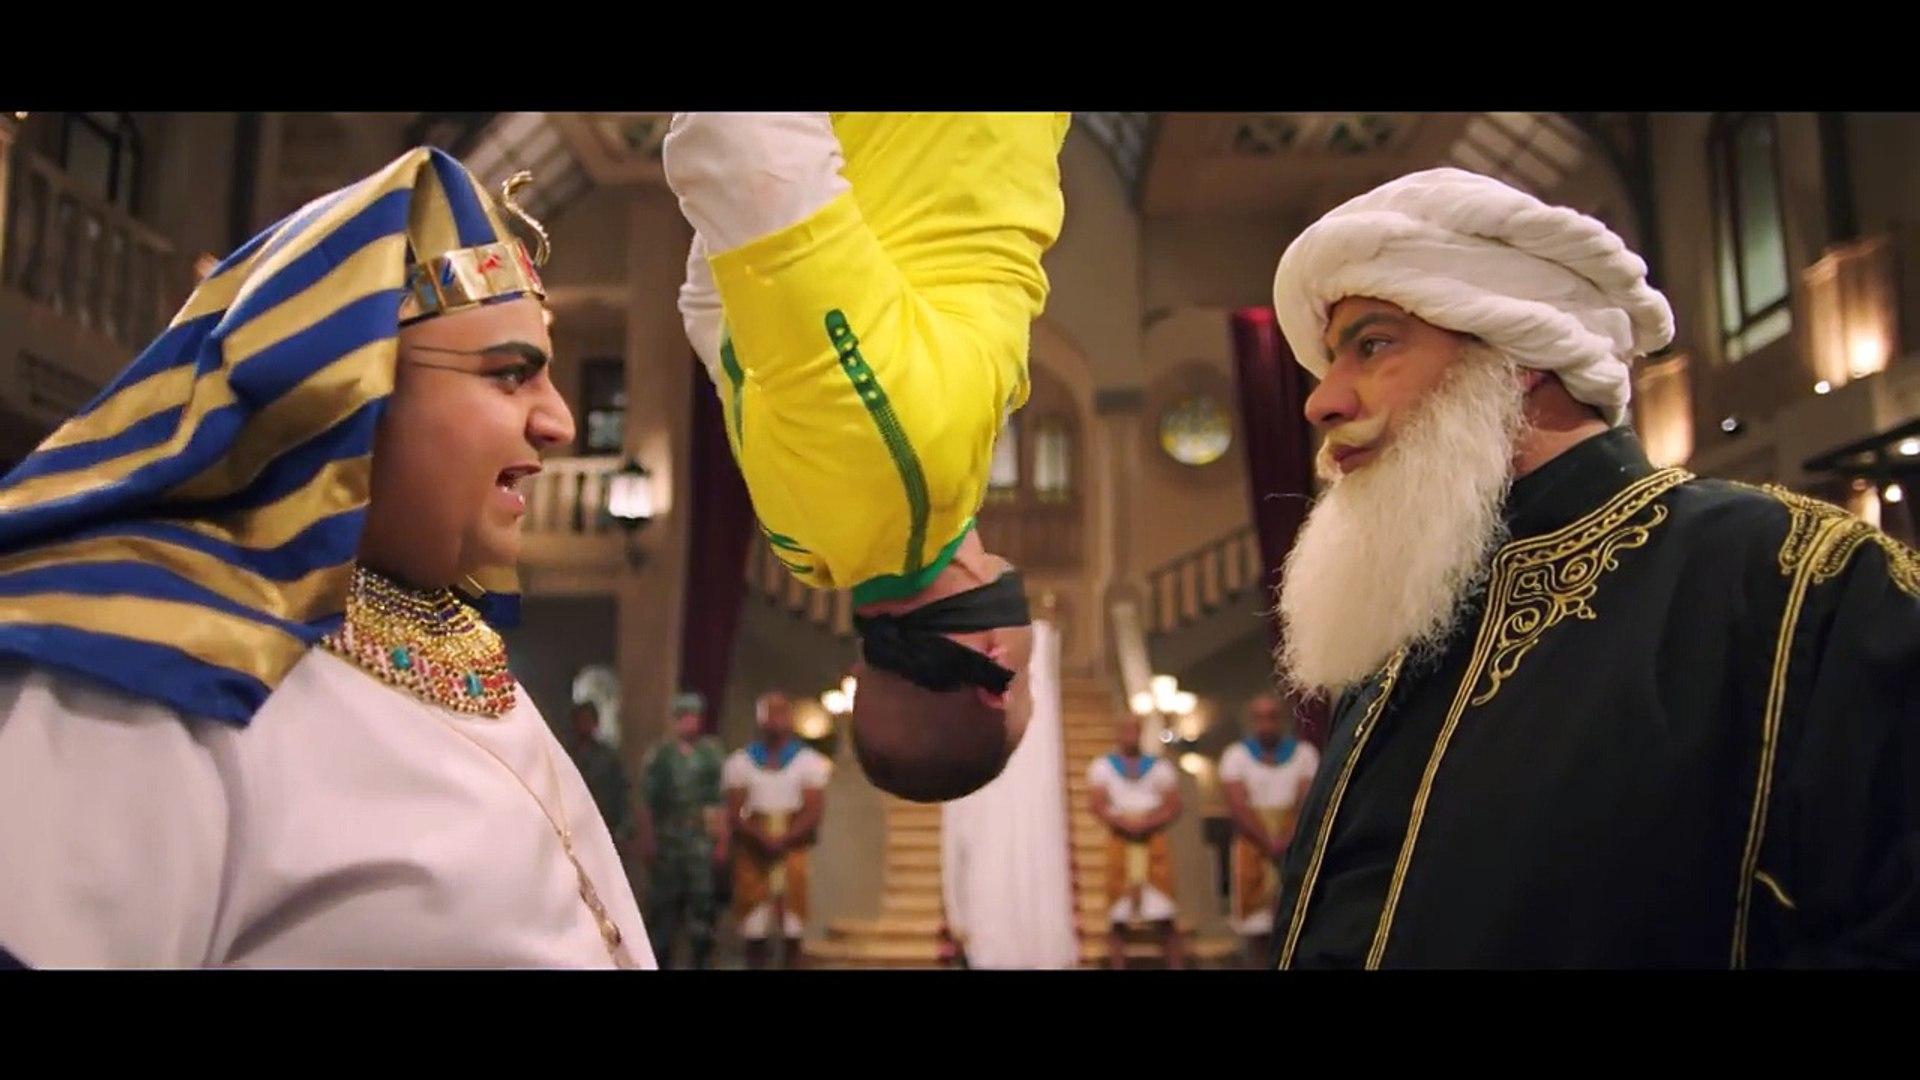 فيلم  الحرب العالمية الثالثة  - أحمد فهمي وشيكو وهشام ماجد